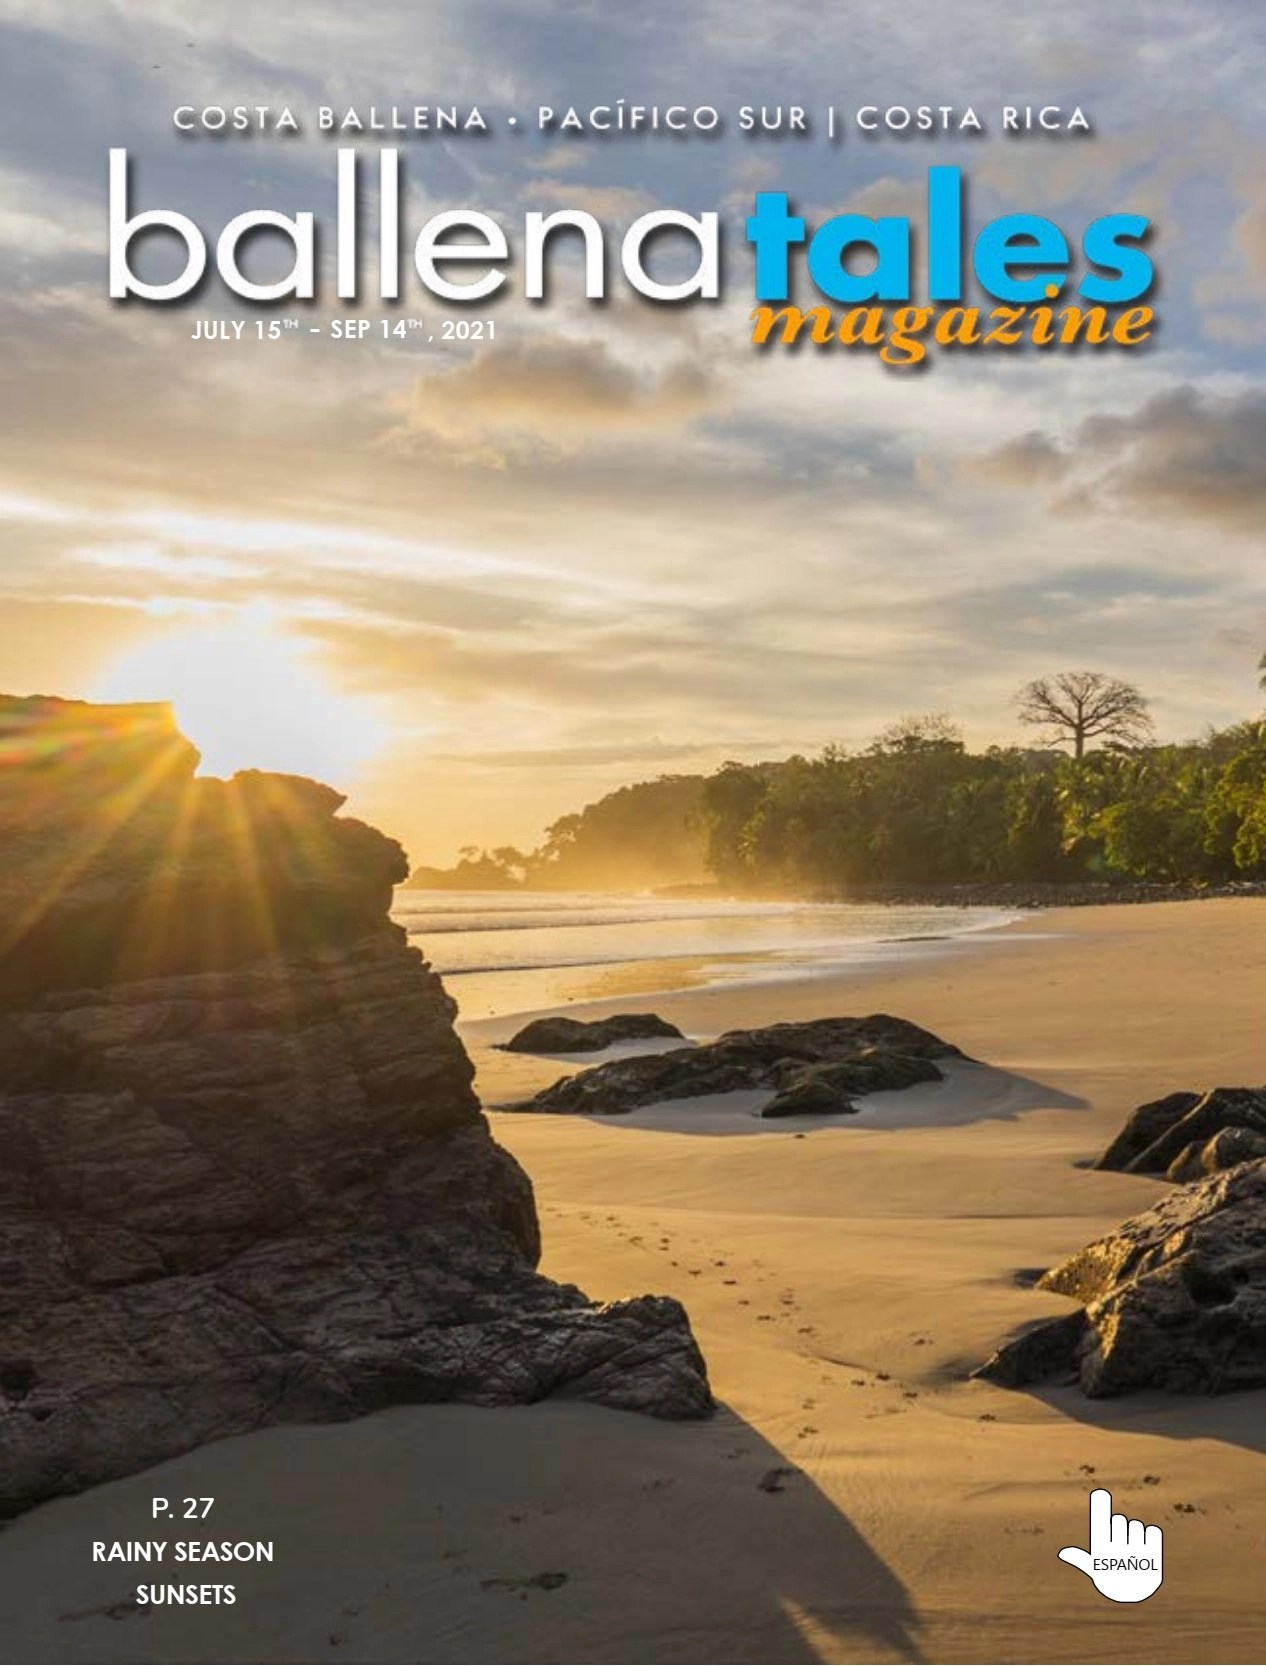 Comprehensive Magazine 79, South Pacific Costa Rica